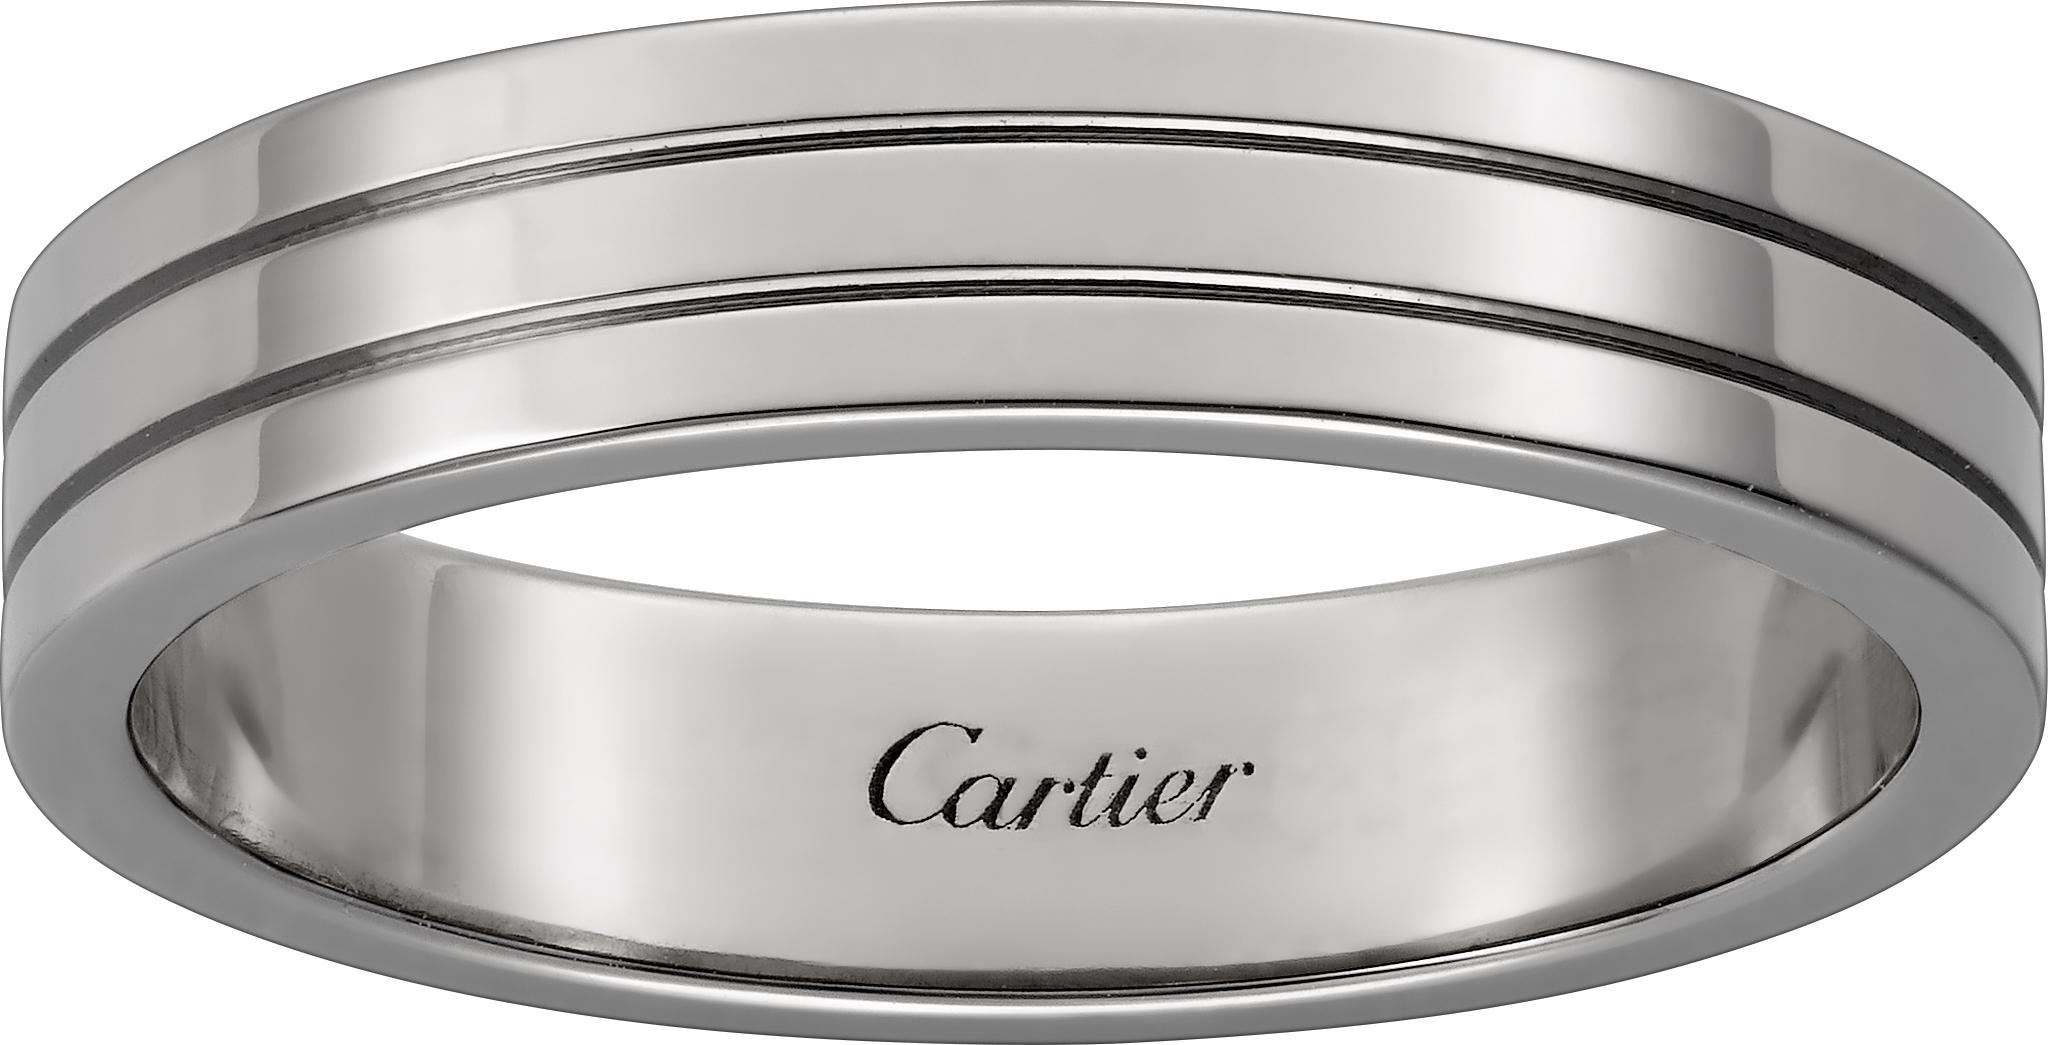 Cartier S Exercise In Subtle Romance Augustman Com